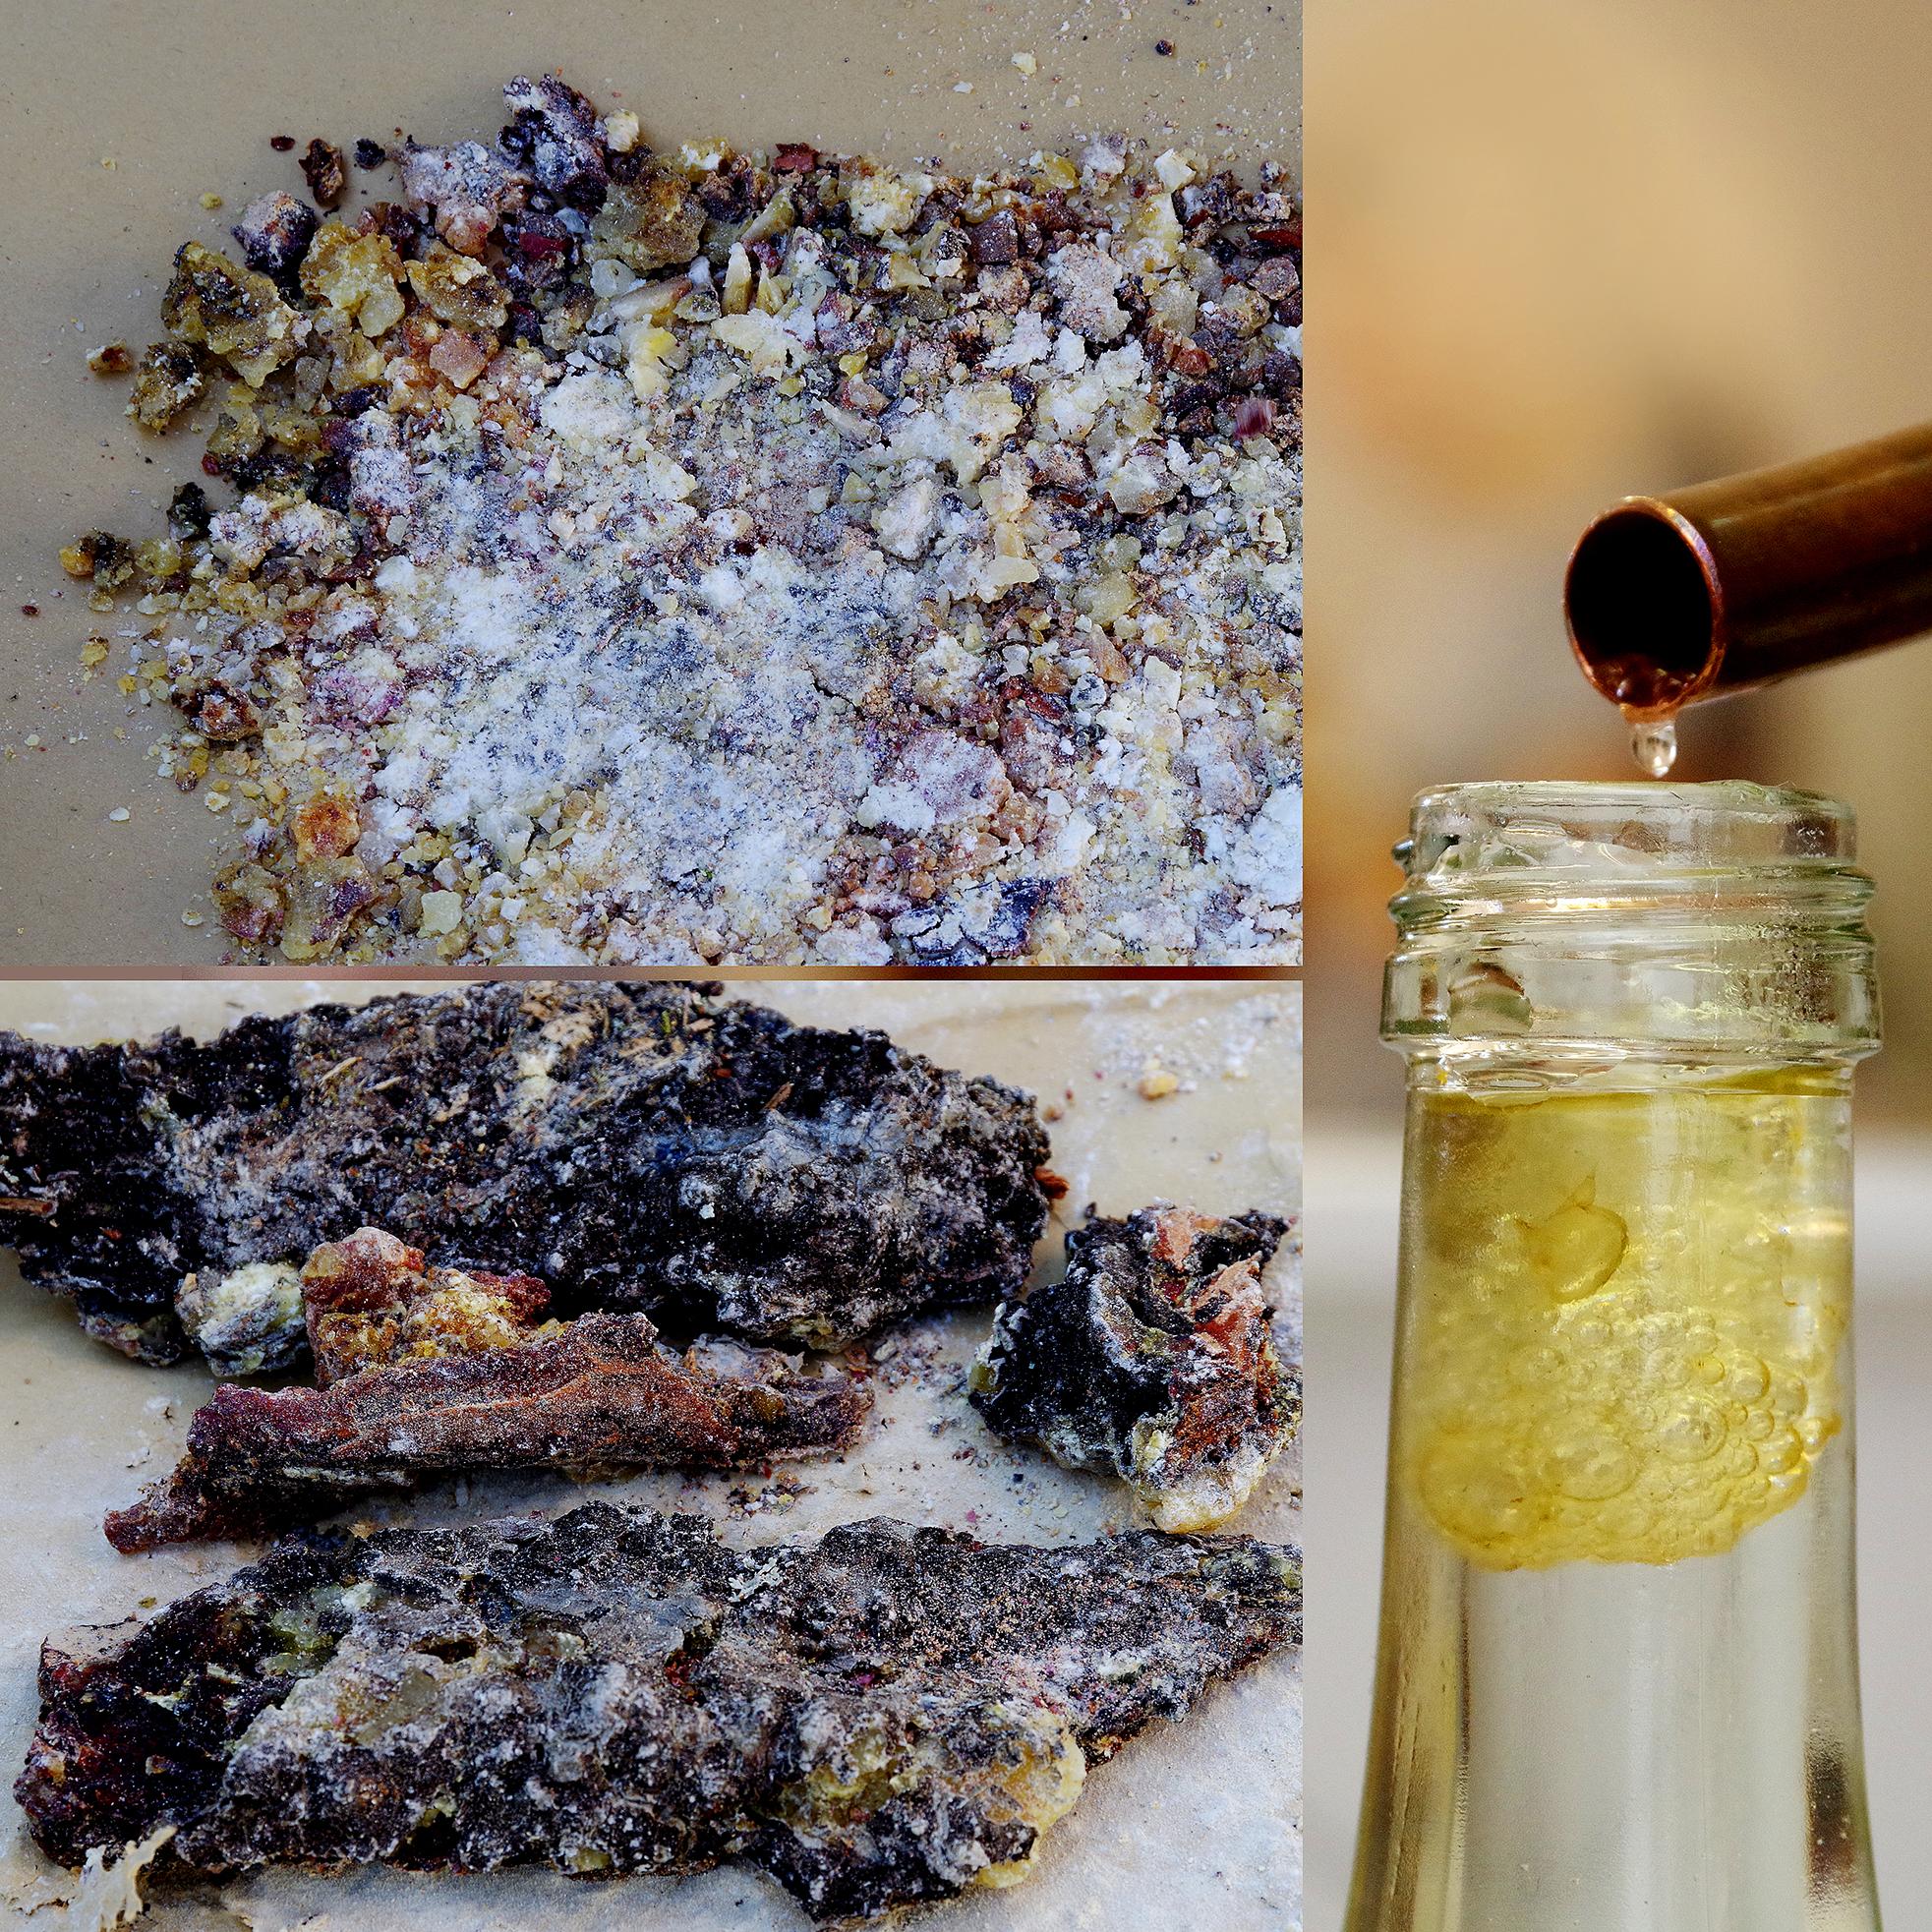 Harze für ätherische Öle und Hydrolate